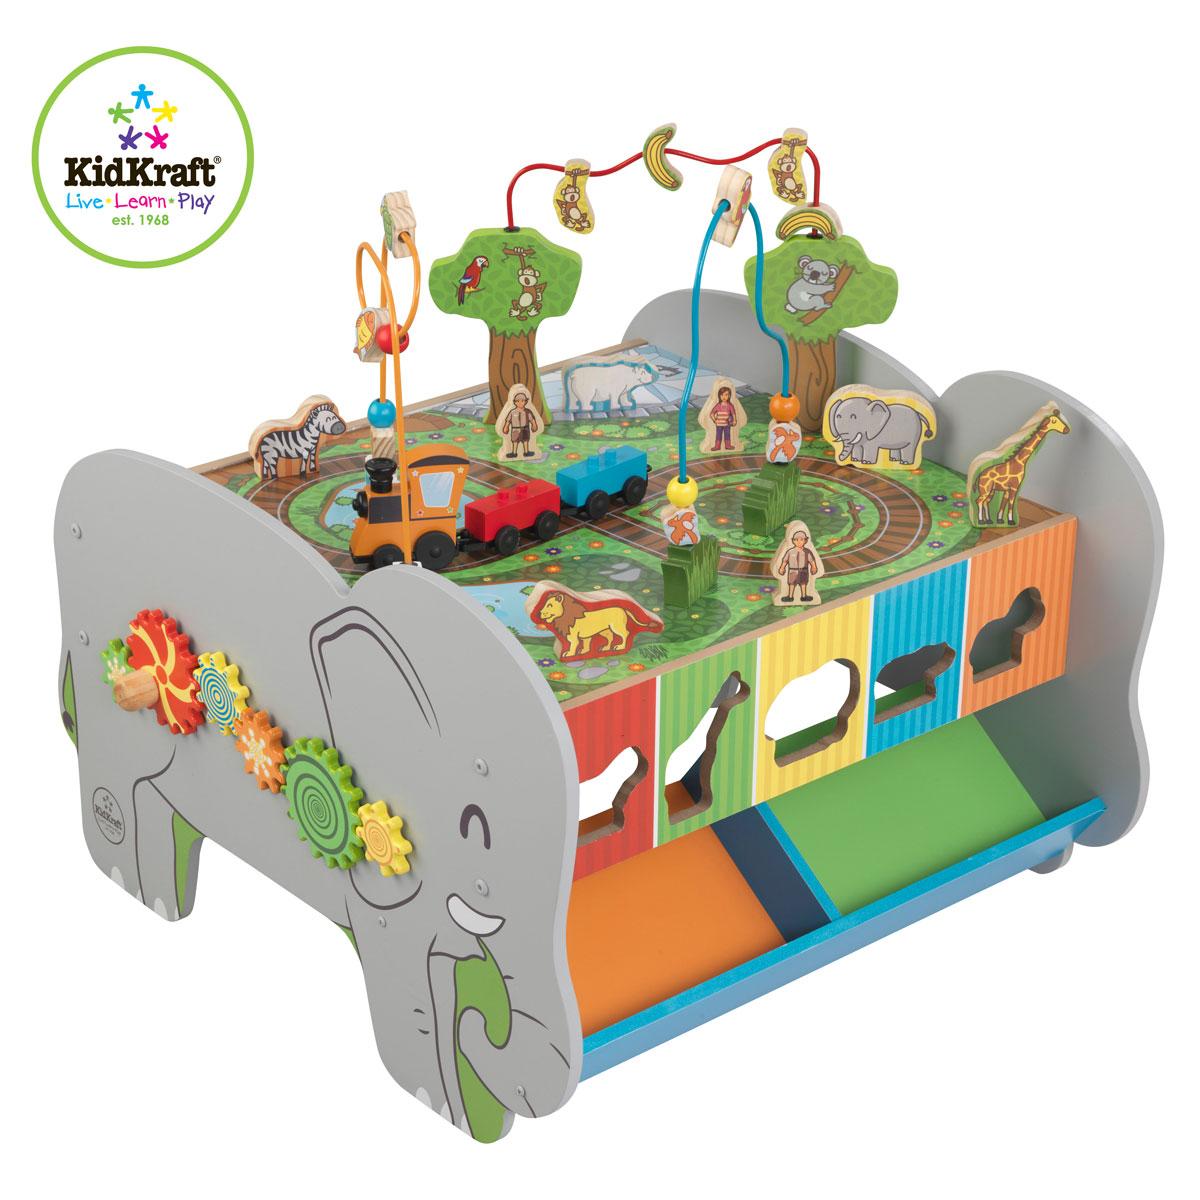 KidKraft hrací centrum